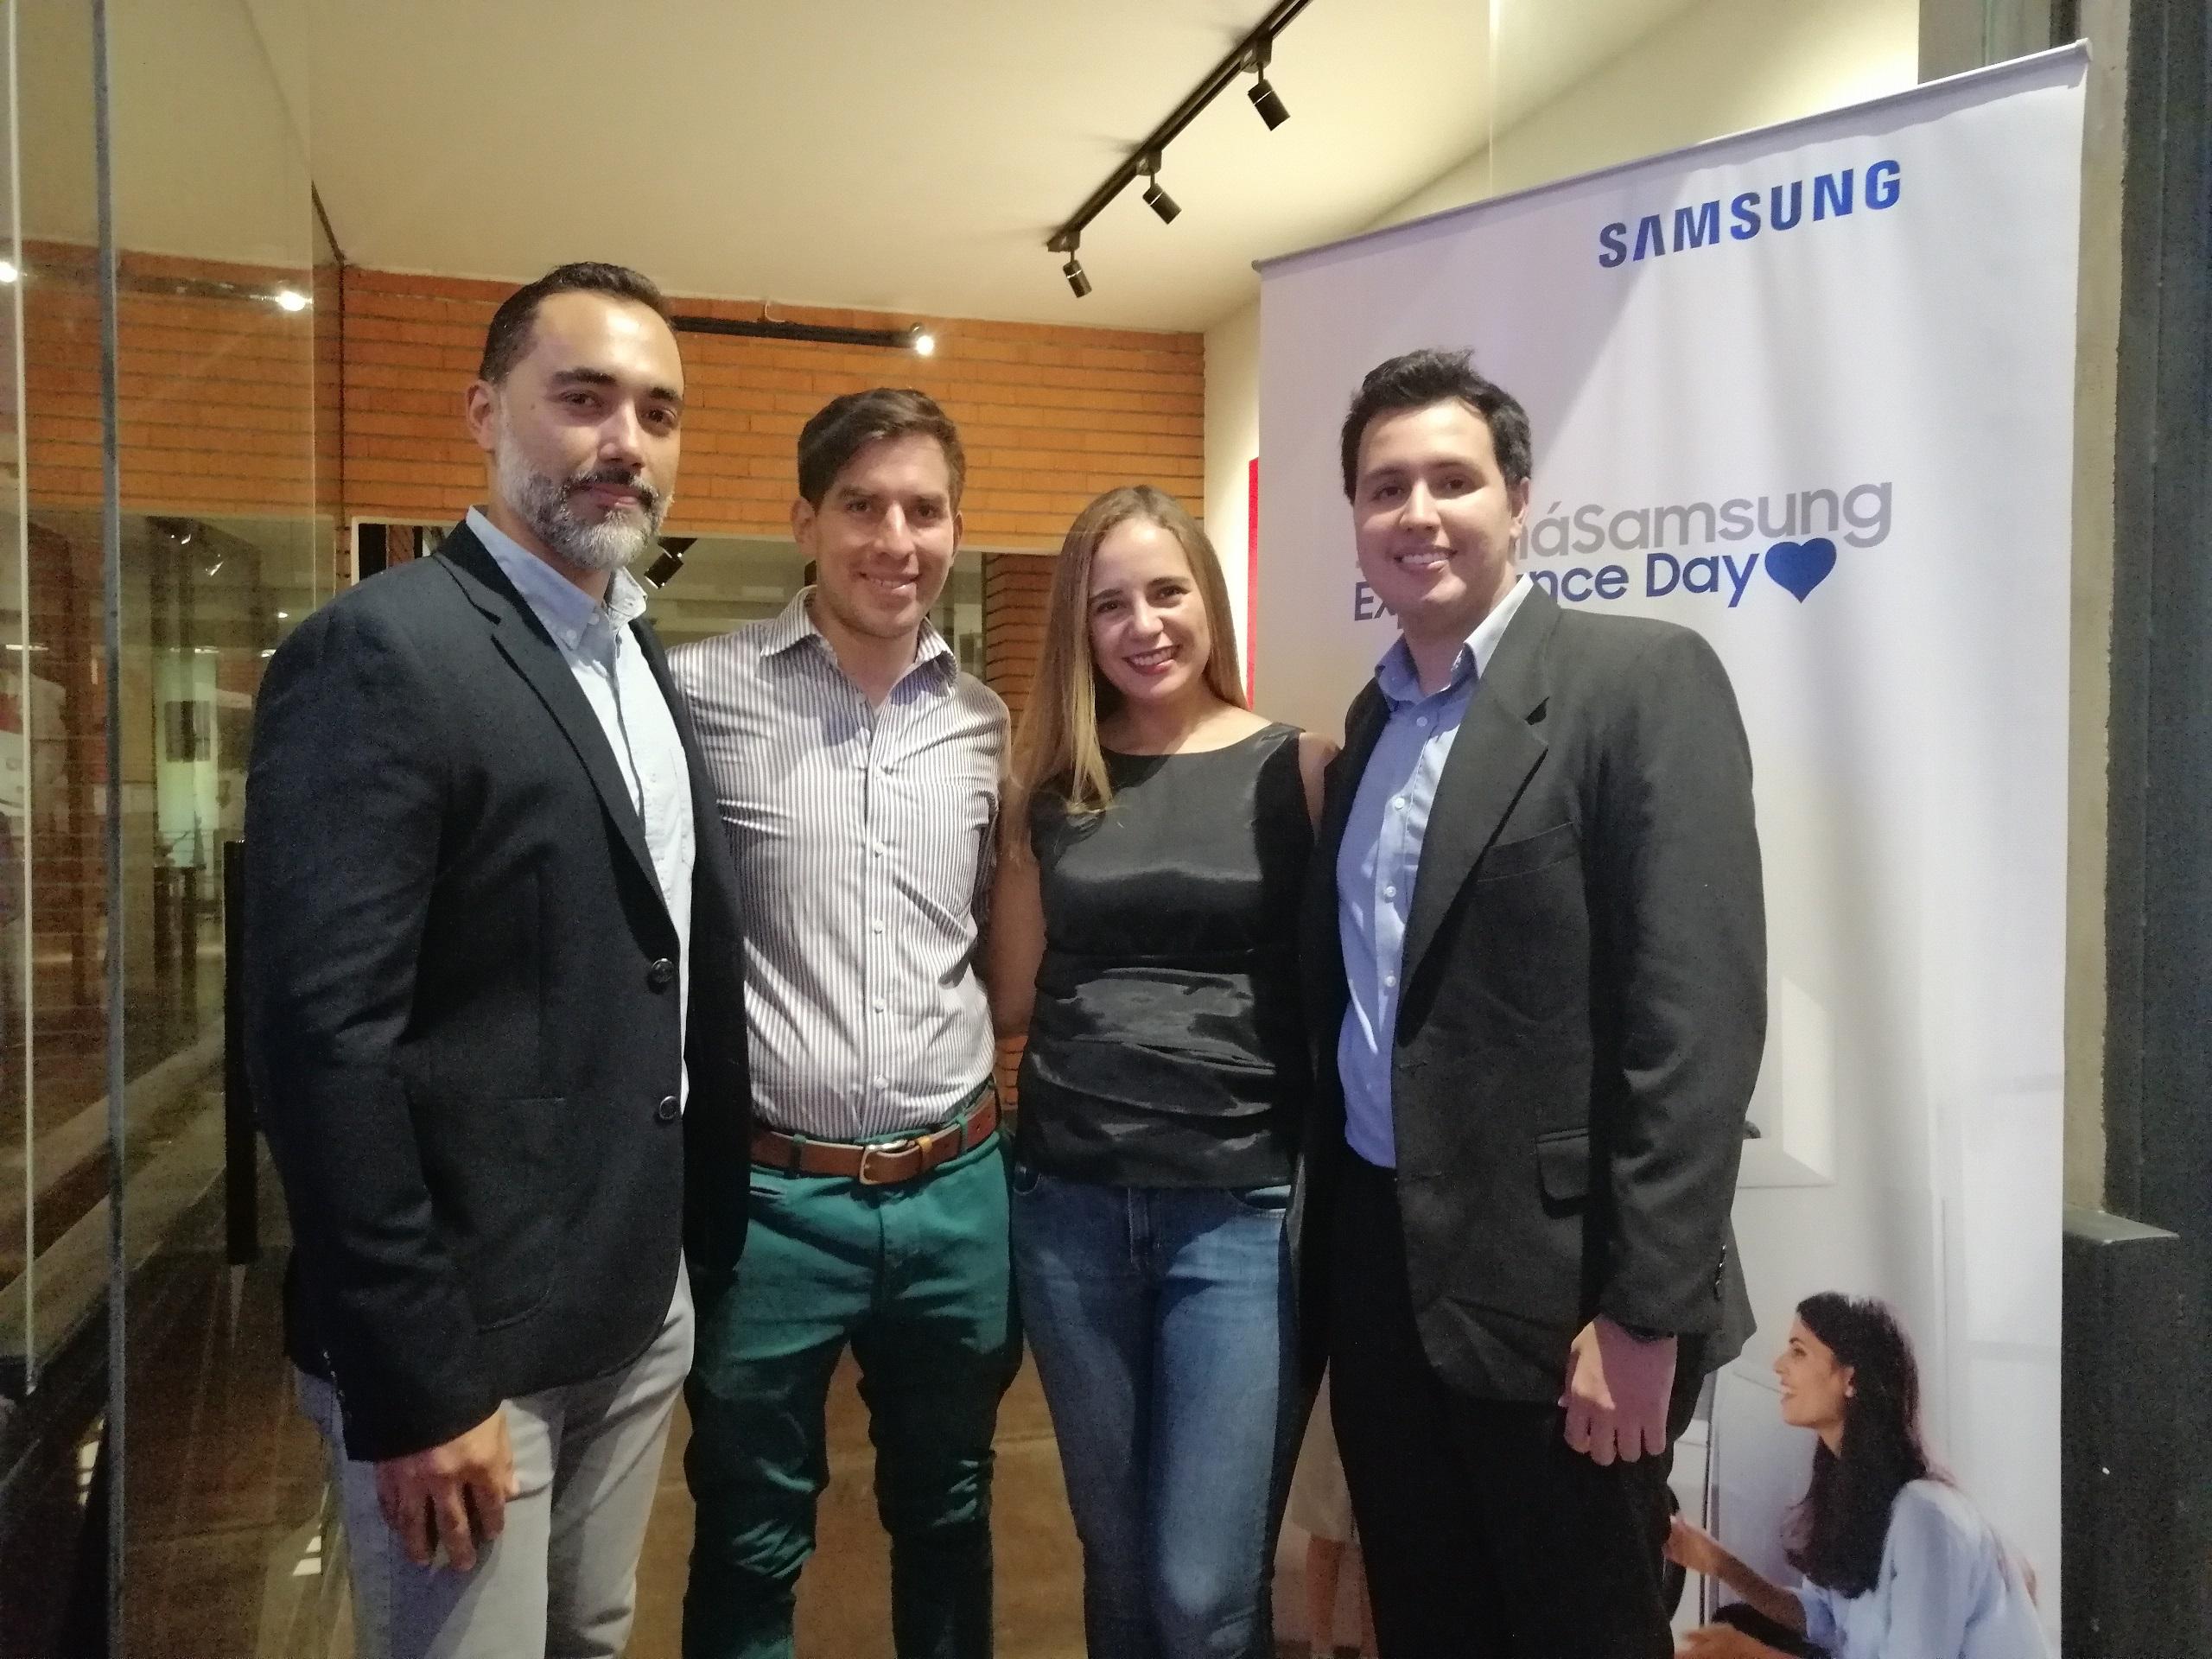 Samsung desarrolla un workshop exclusivo para mamás sobre los beneficios de sus productos Premium